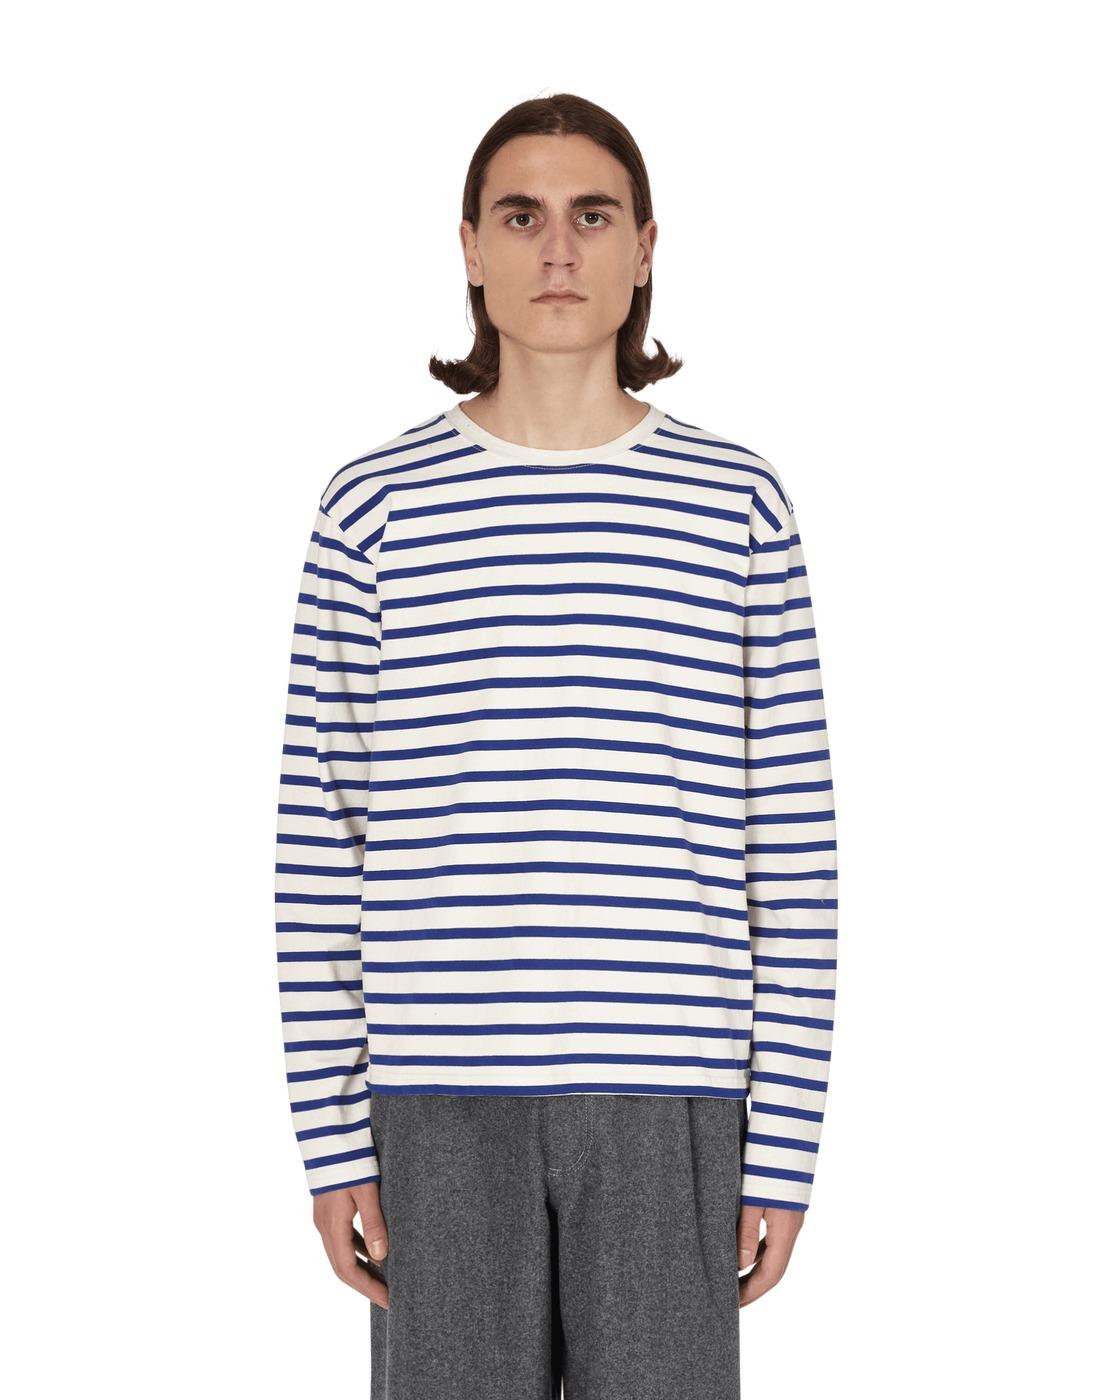 Kapital Smiley Elbow Patch Longsleeve T Shirt Ecrxblue